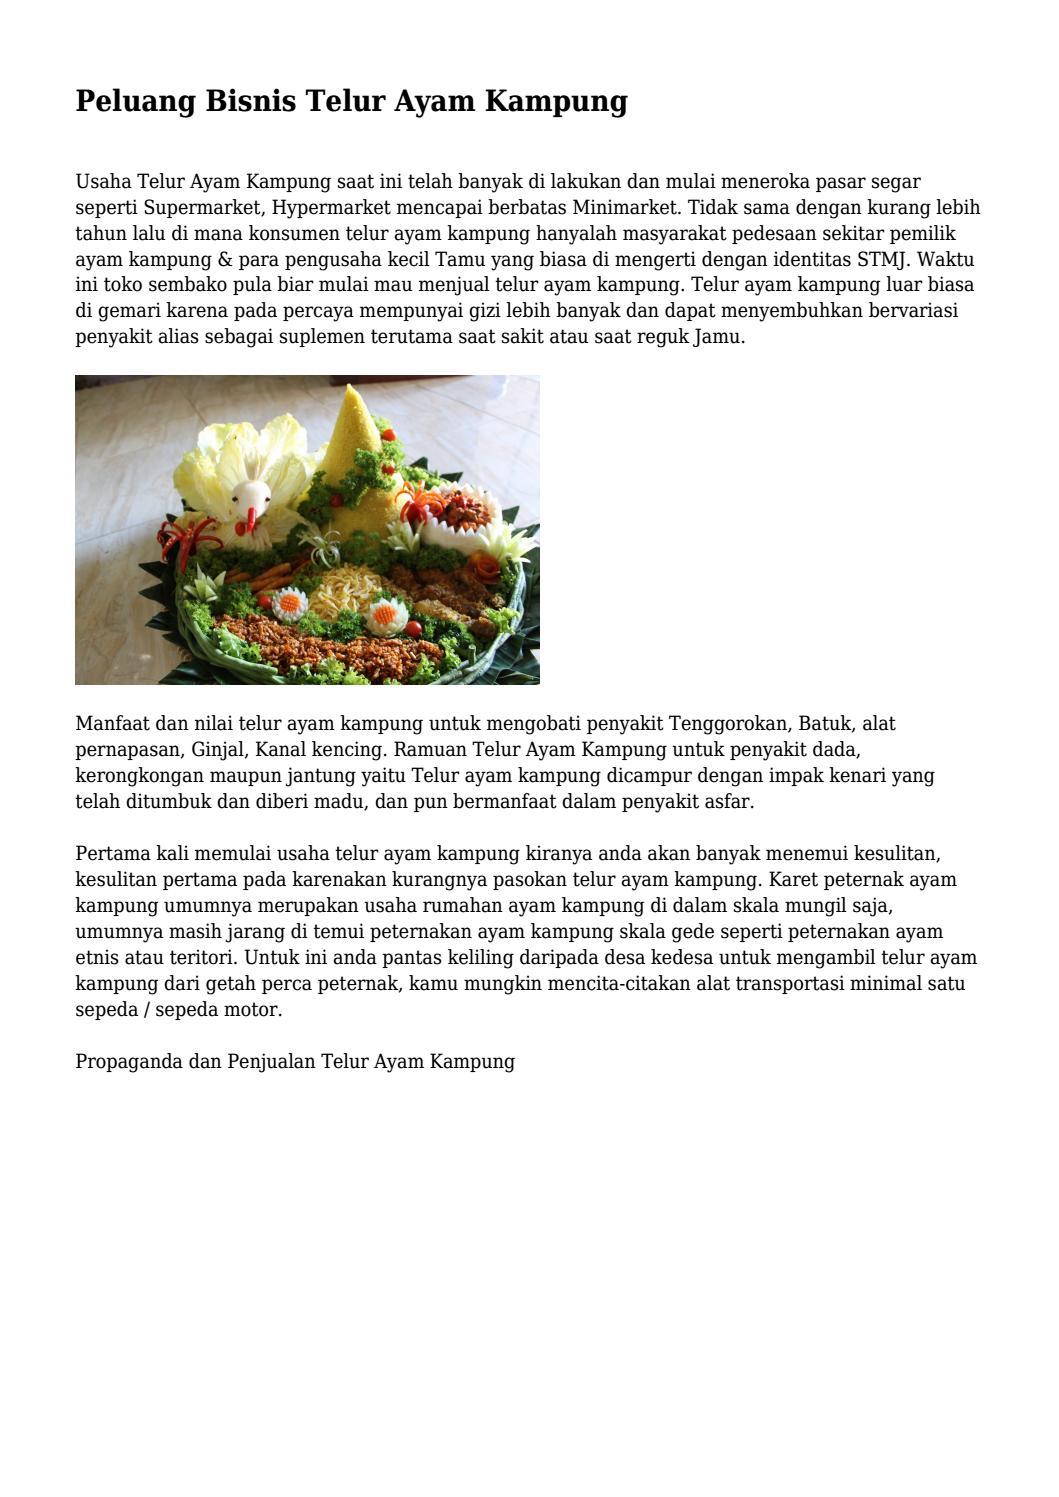 Manfaat Telur Kampung Dicampur Madu : manfaat, telur, kampung, dicampur, Peluang, Bisnis, Telur, Kampung..., Superbisnispop, Issuu